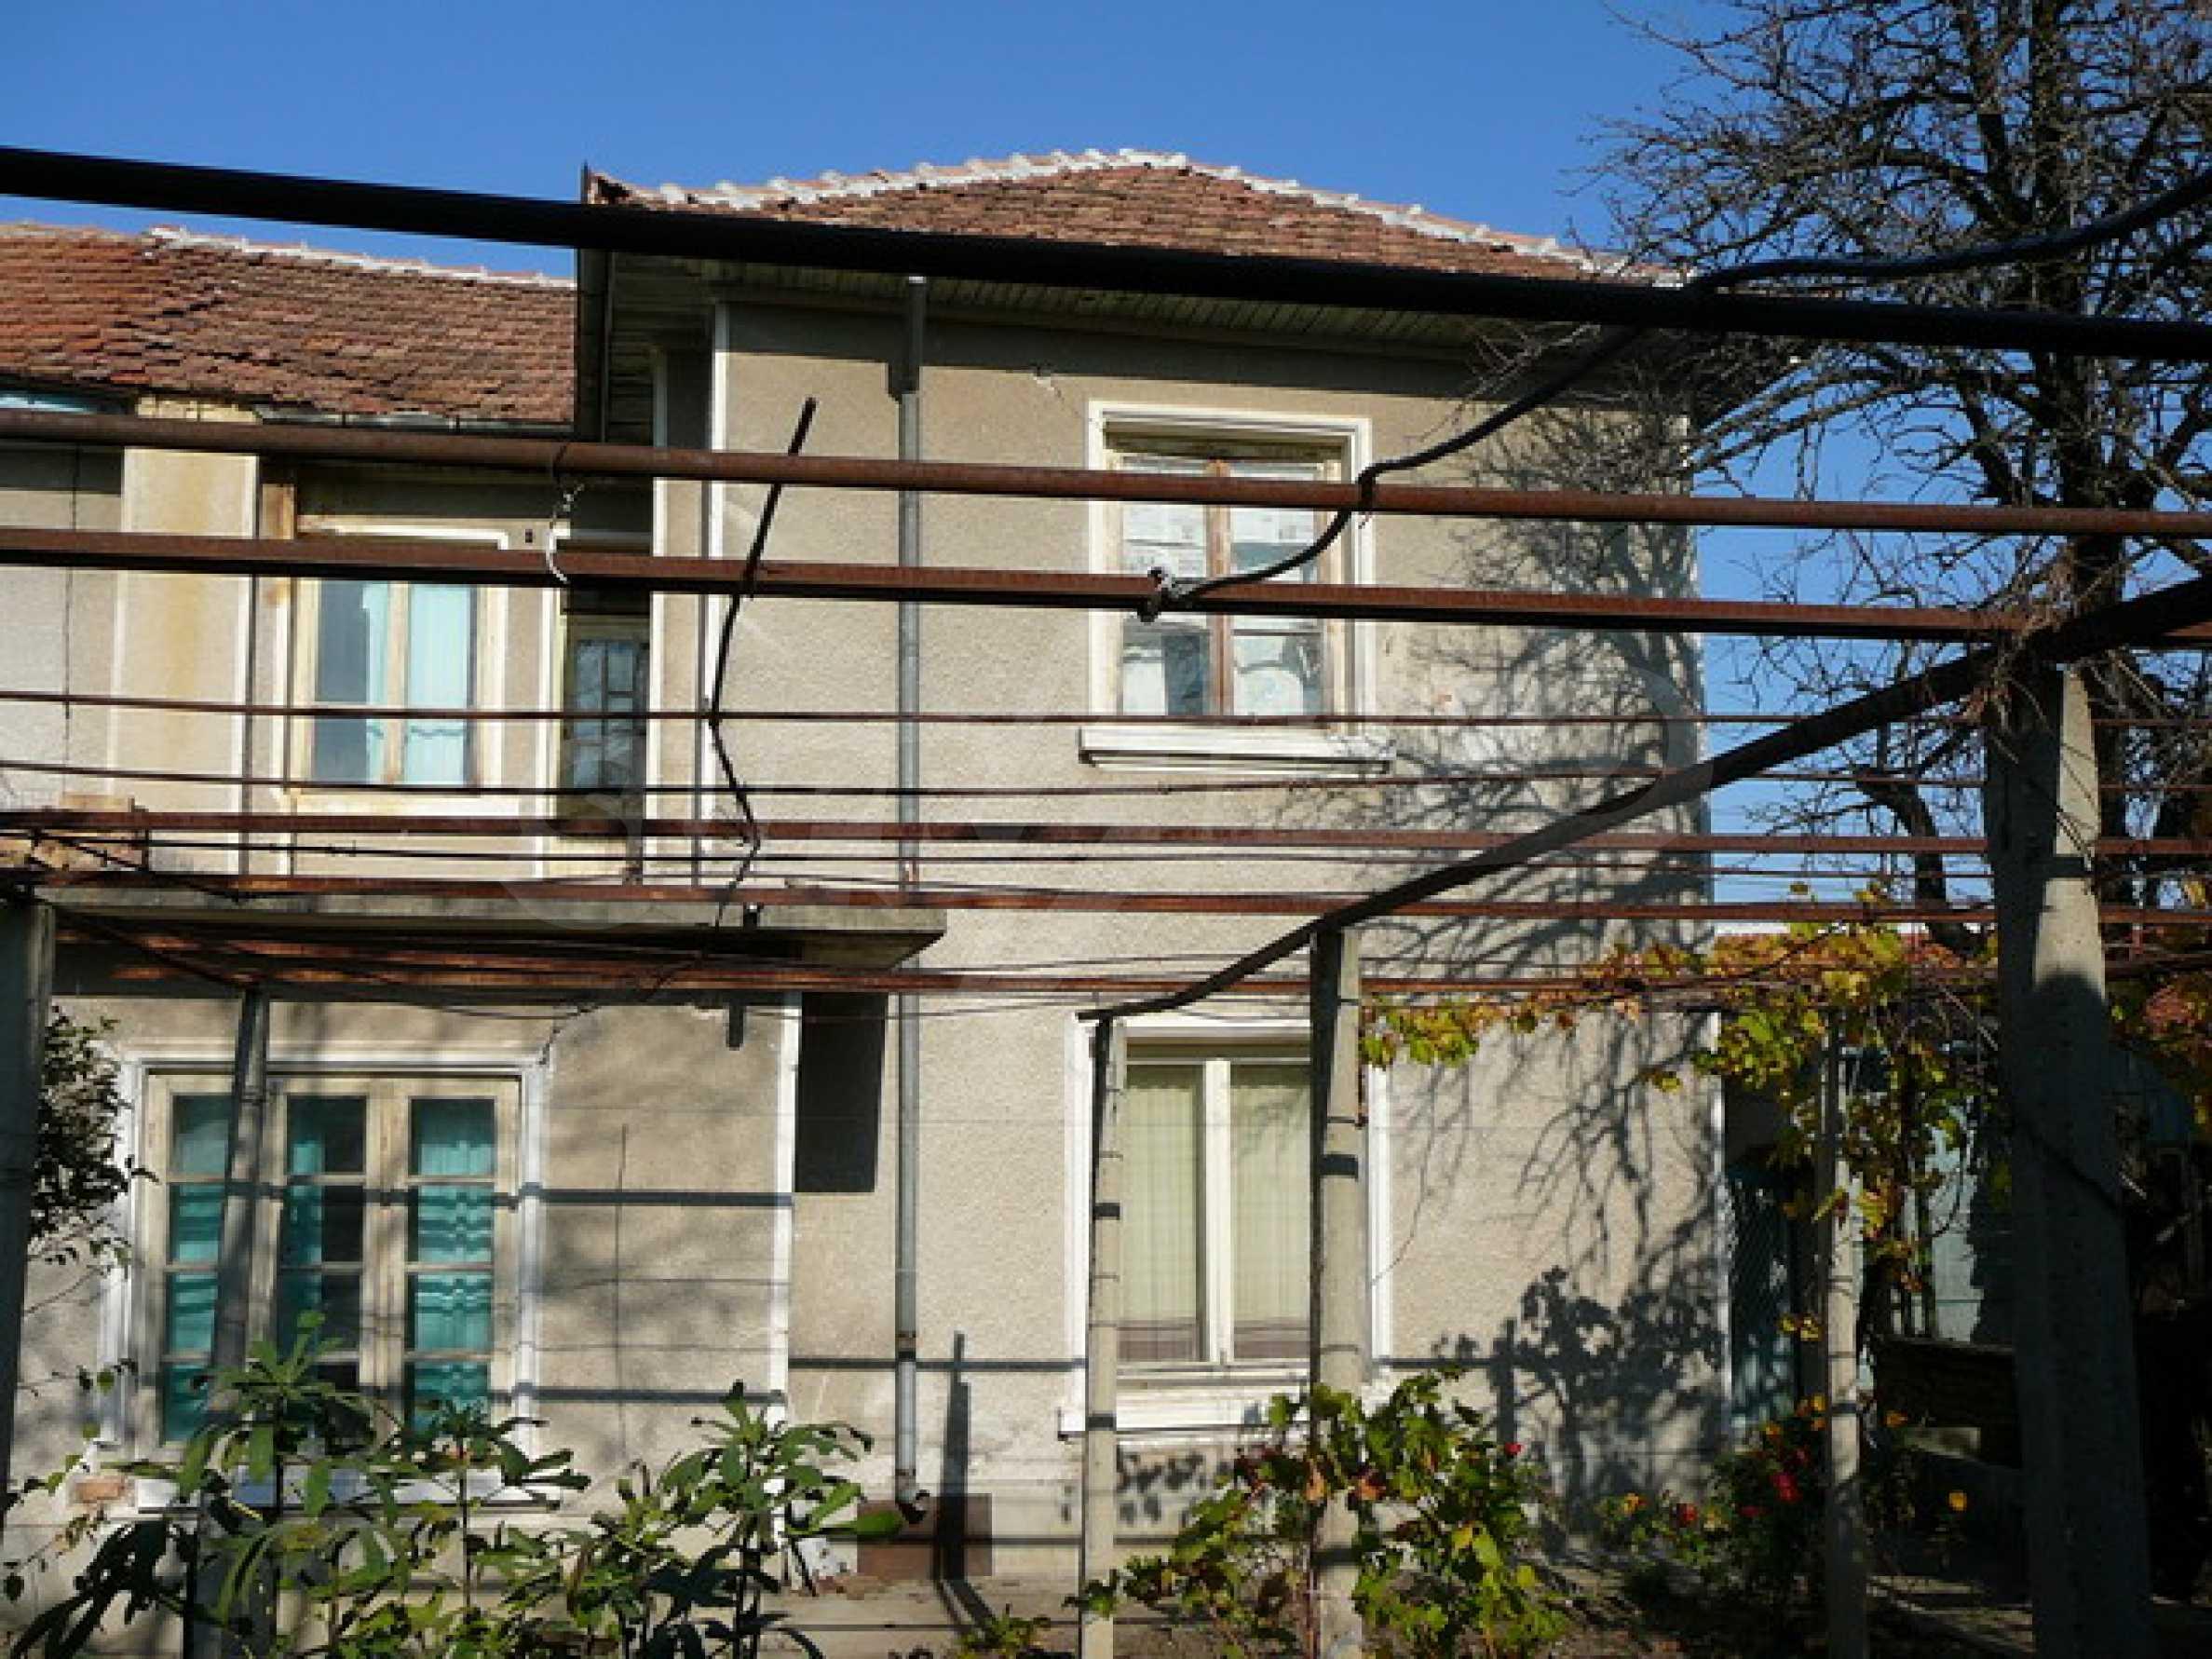 Къща за продажба близо до гр. Велико Търново 21